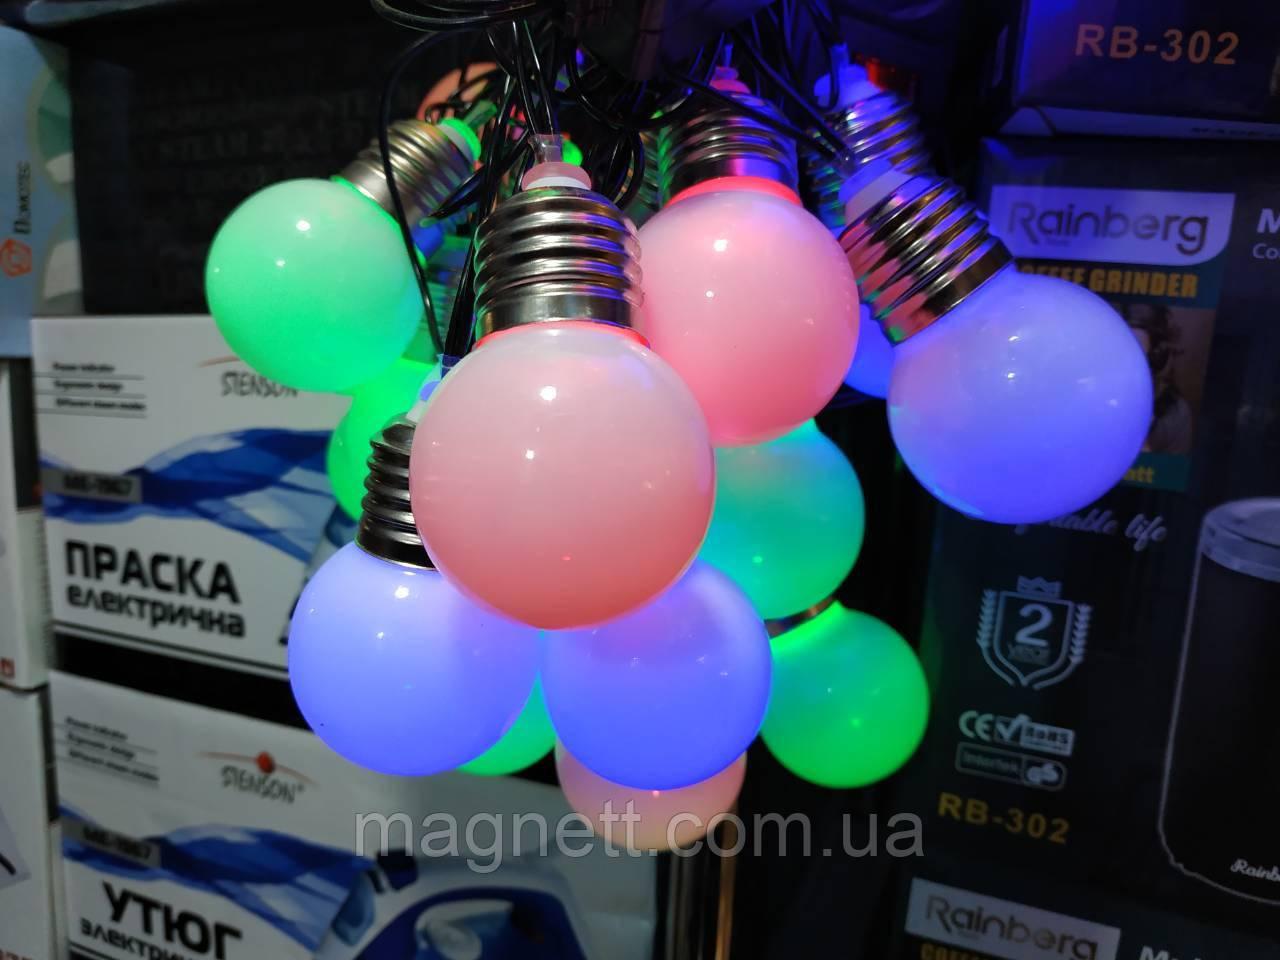 Светодиодные гирлянды шарики 20 Led лампочек больших (Ретро)